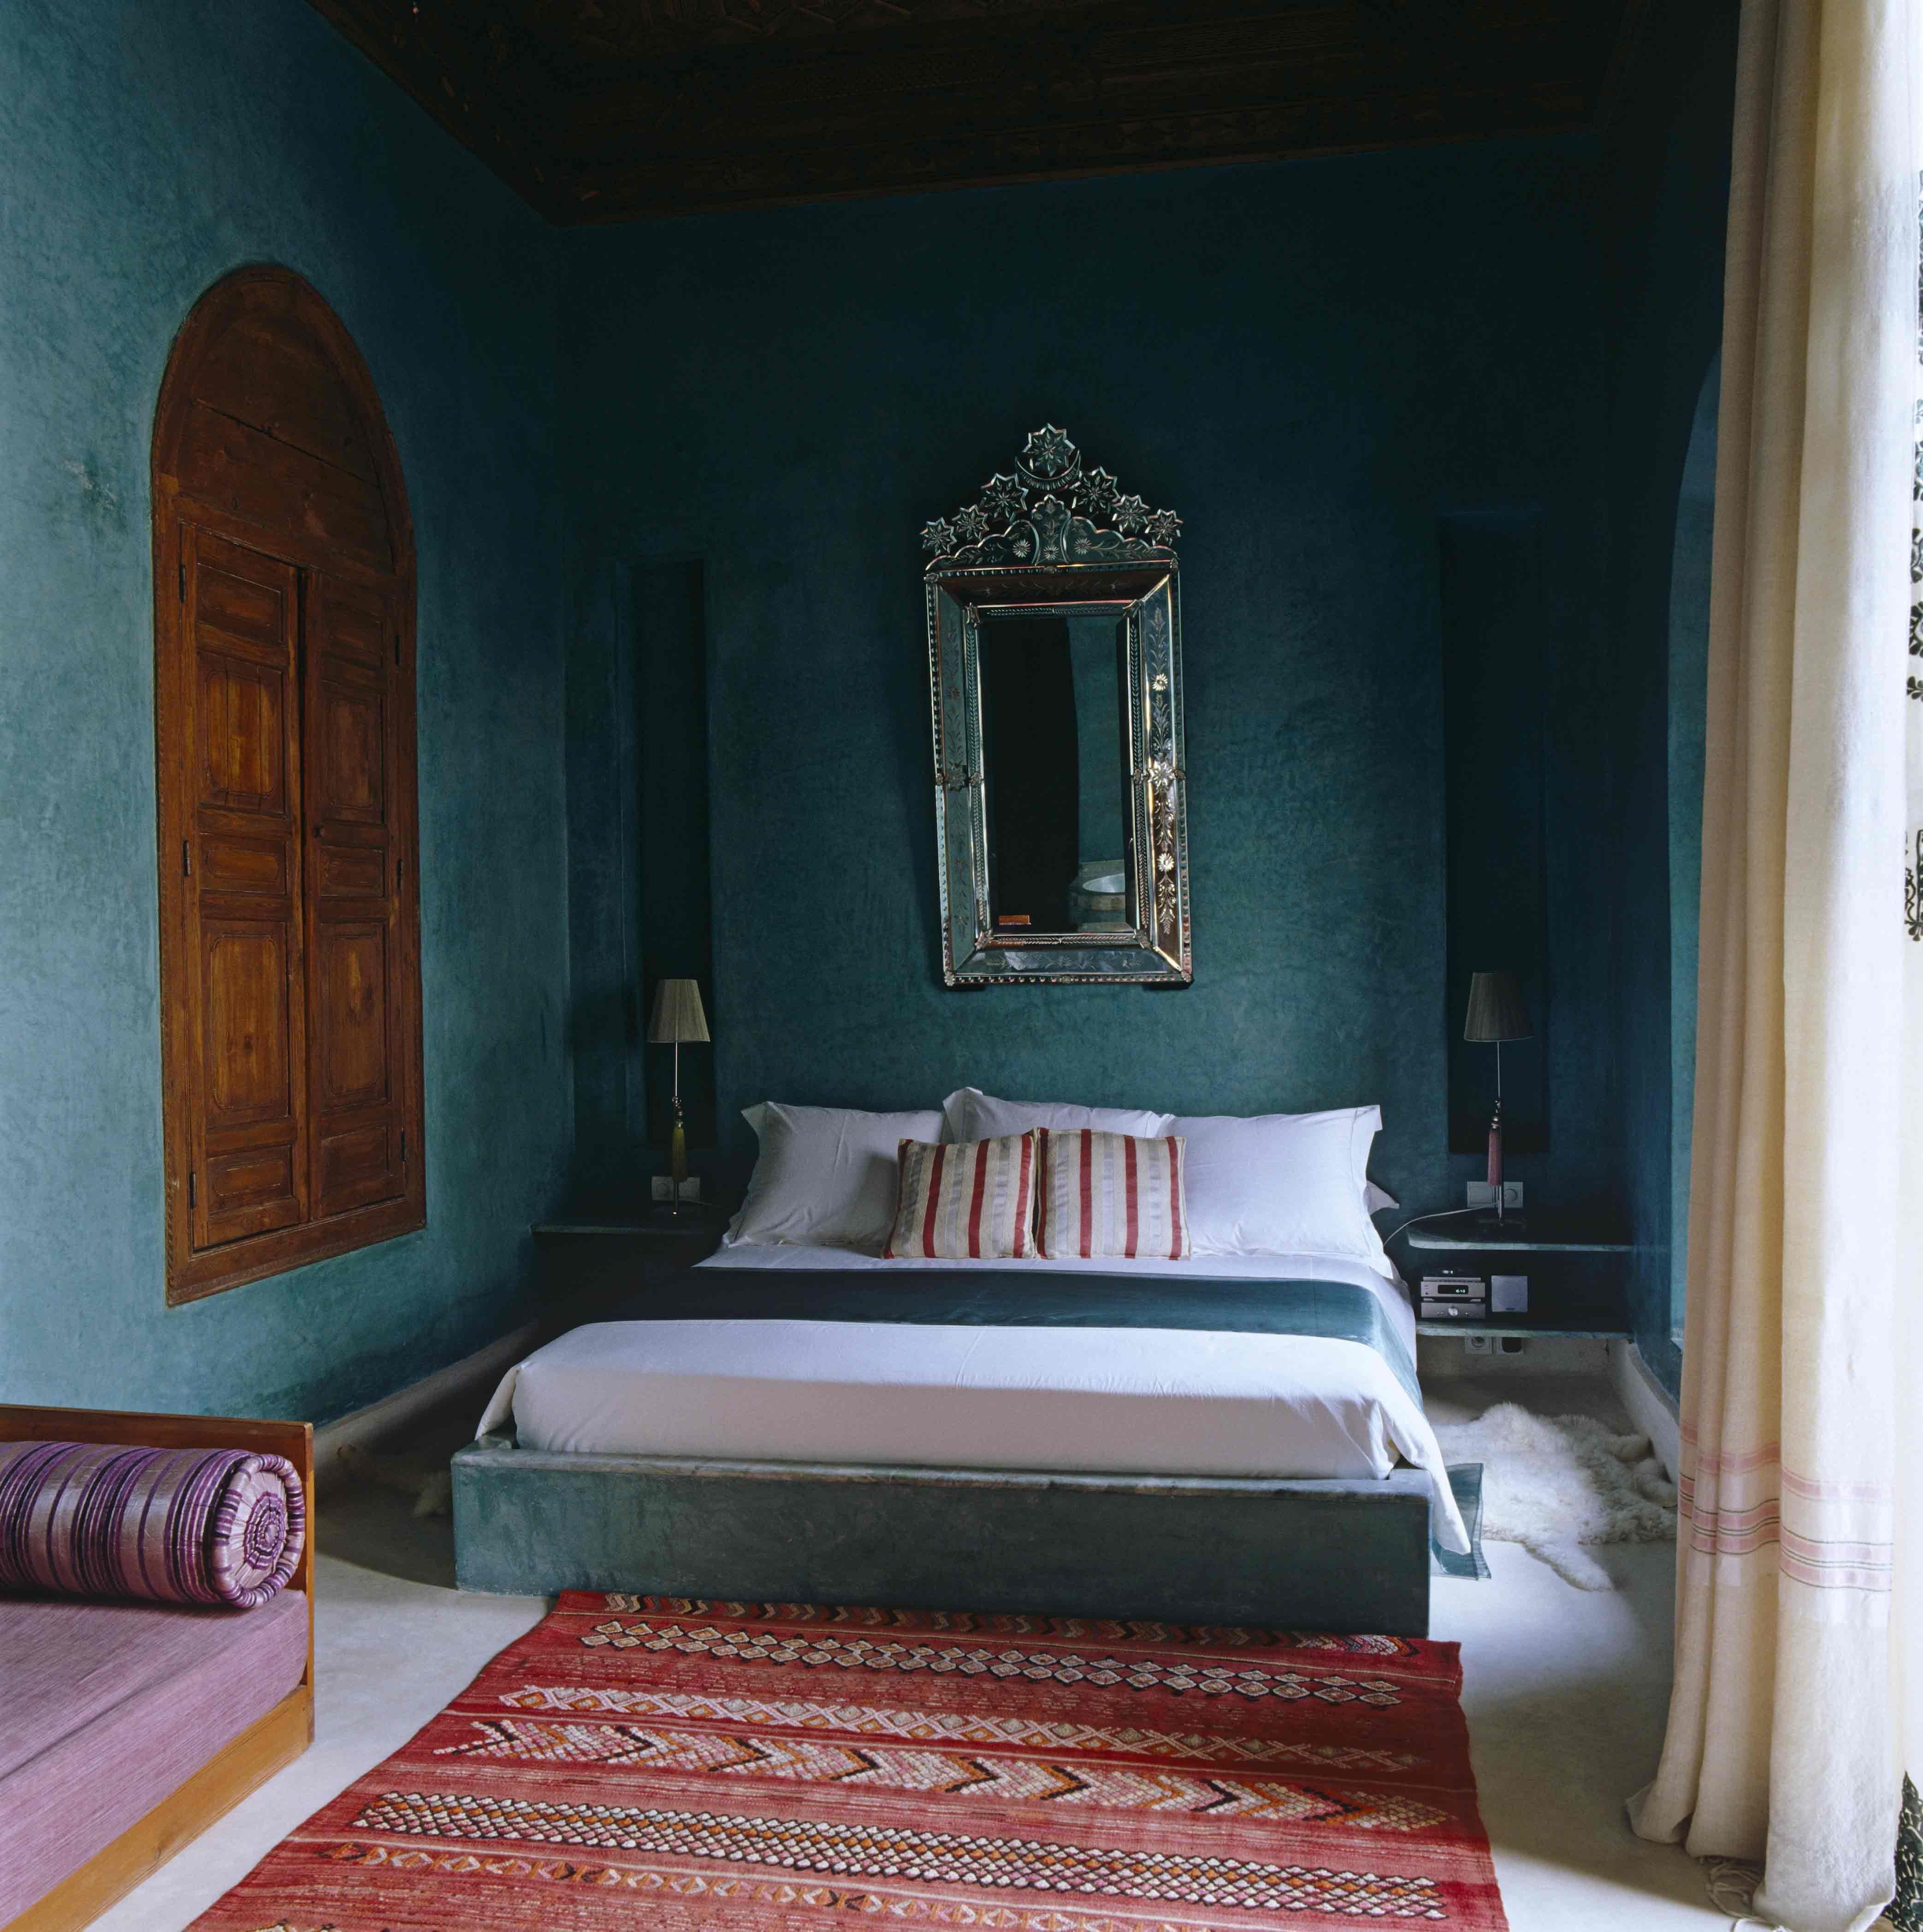 bedroom - persian carpet - slaapkamer - oosterse ambiance ... - Schlafzimmer Ideen Orientalisch